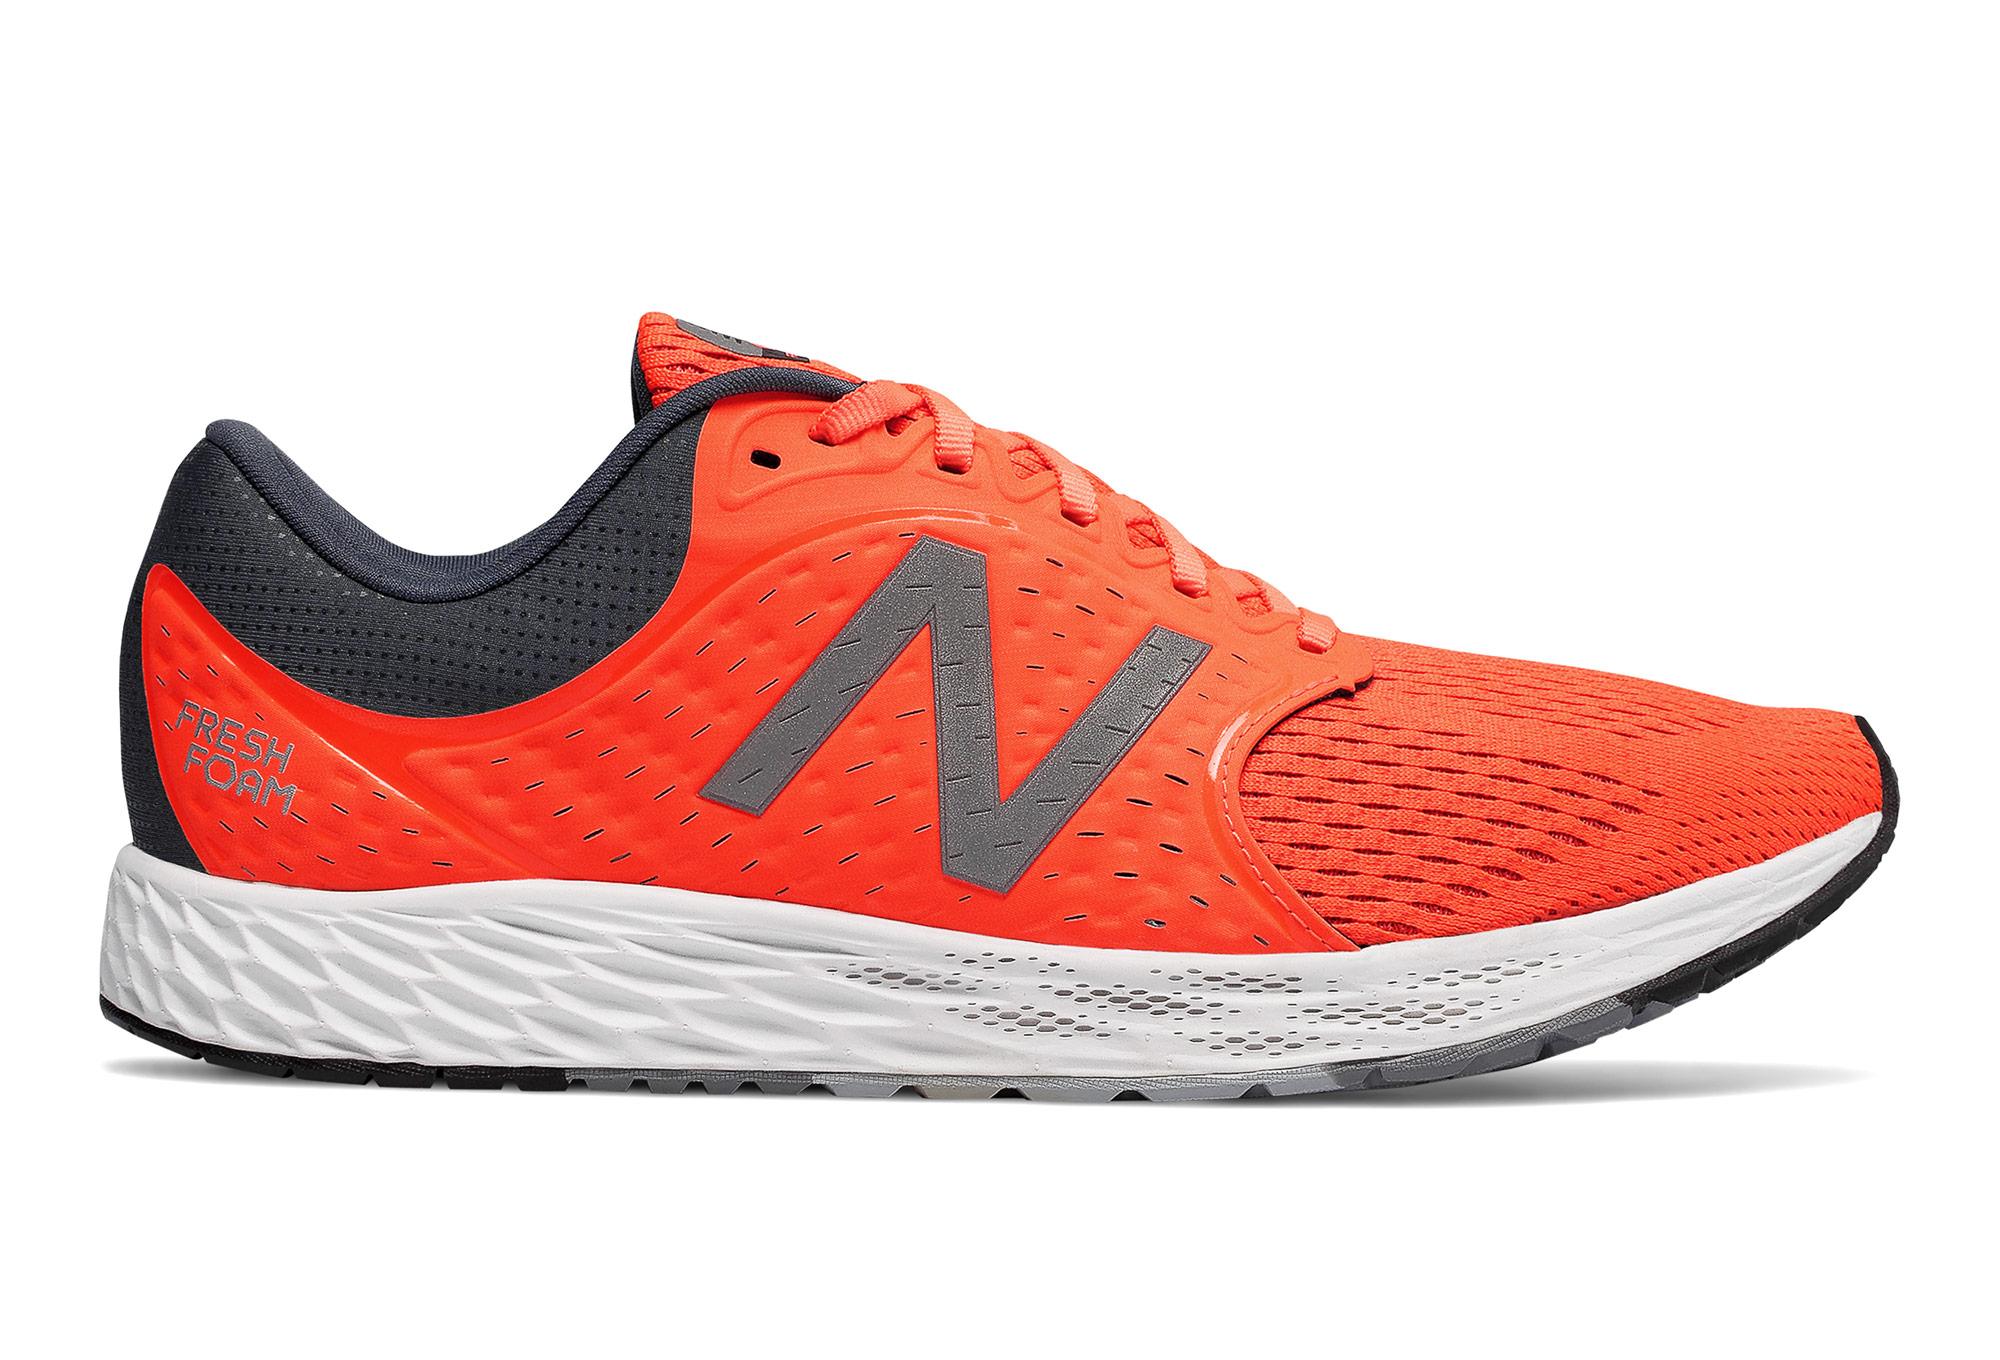 new balance fresh foam zante v4 chaussures de running